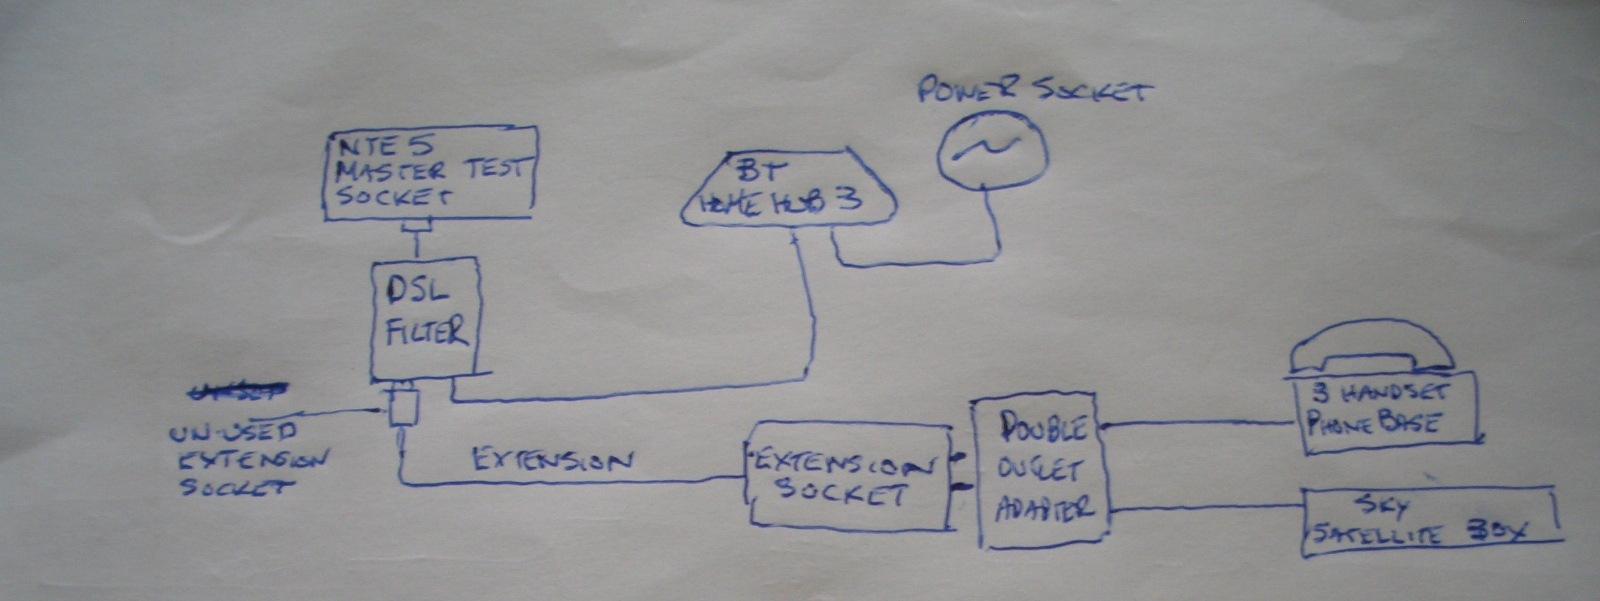 medium resolution of dsl filter diagram